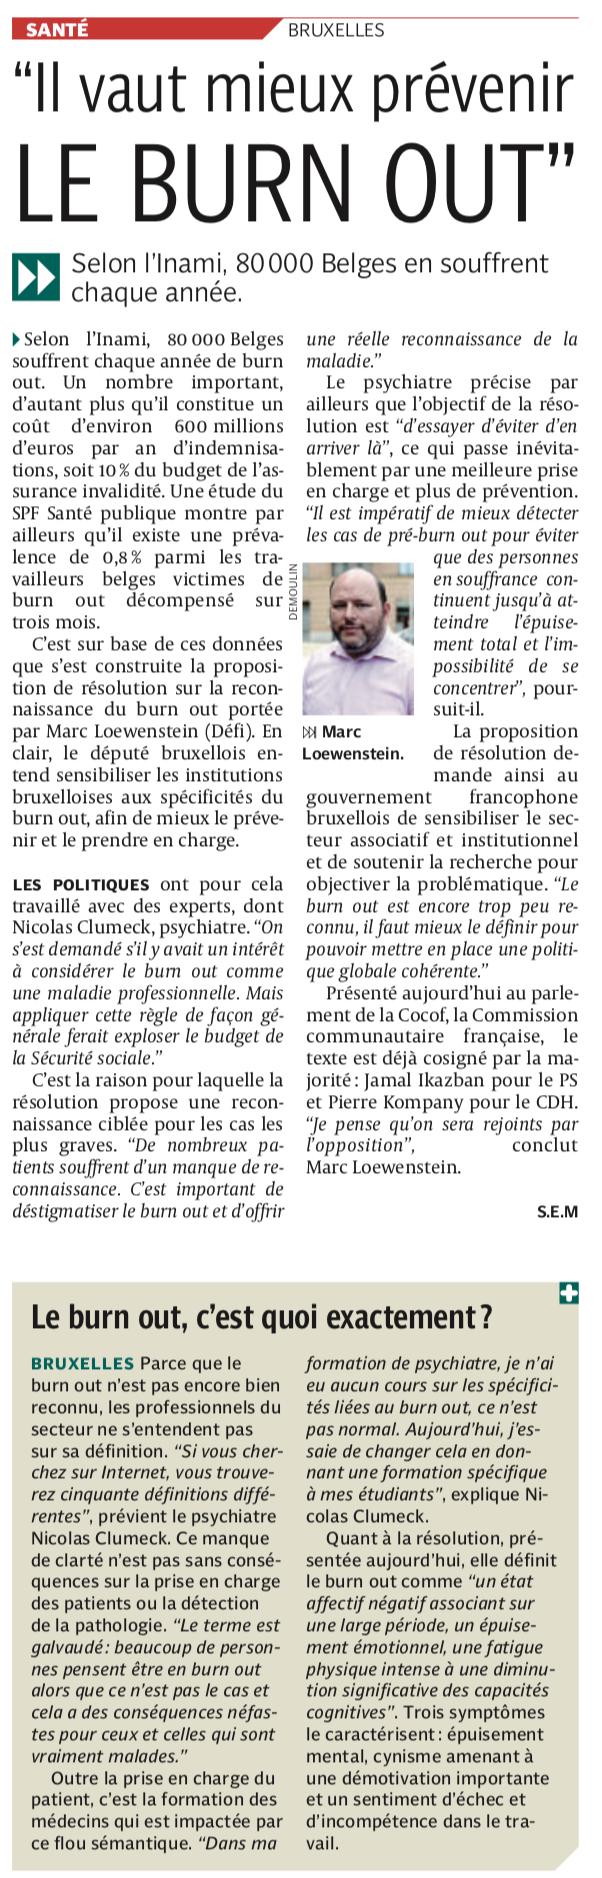 Article, la Dernière Heure, 15/03/2019